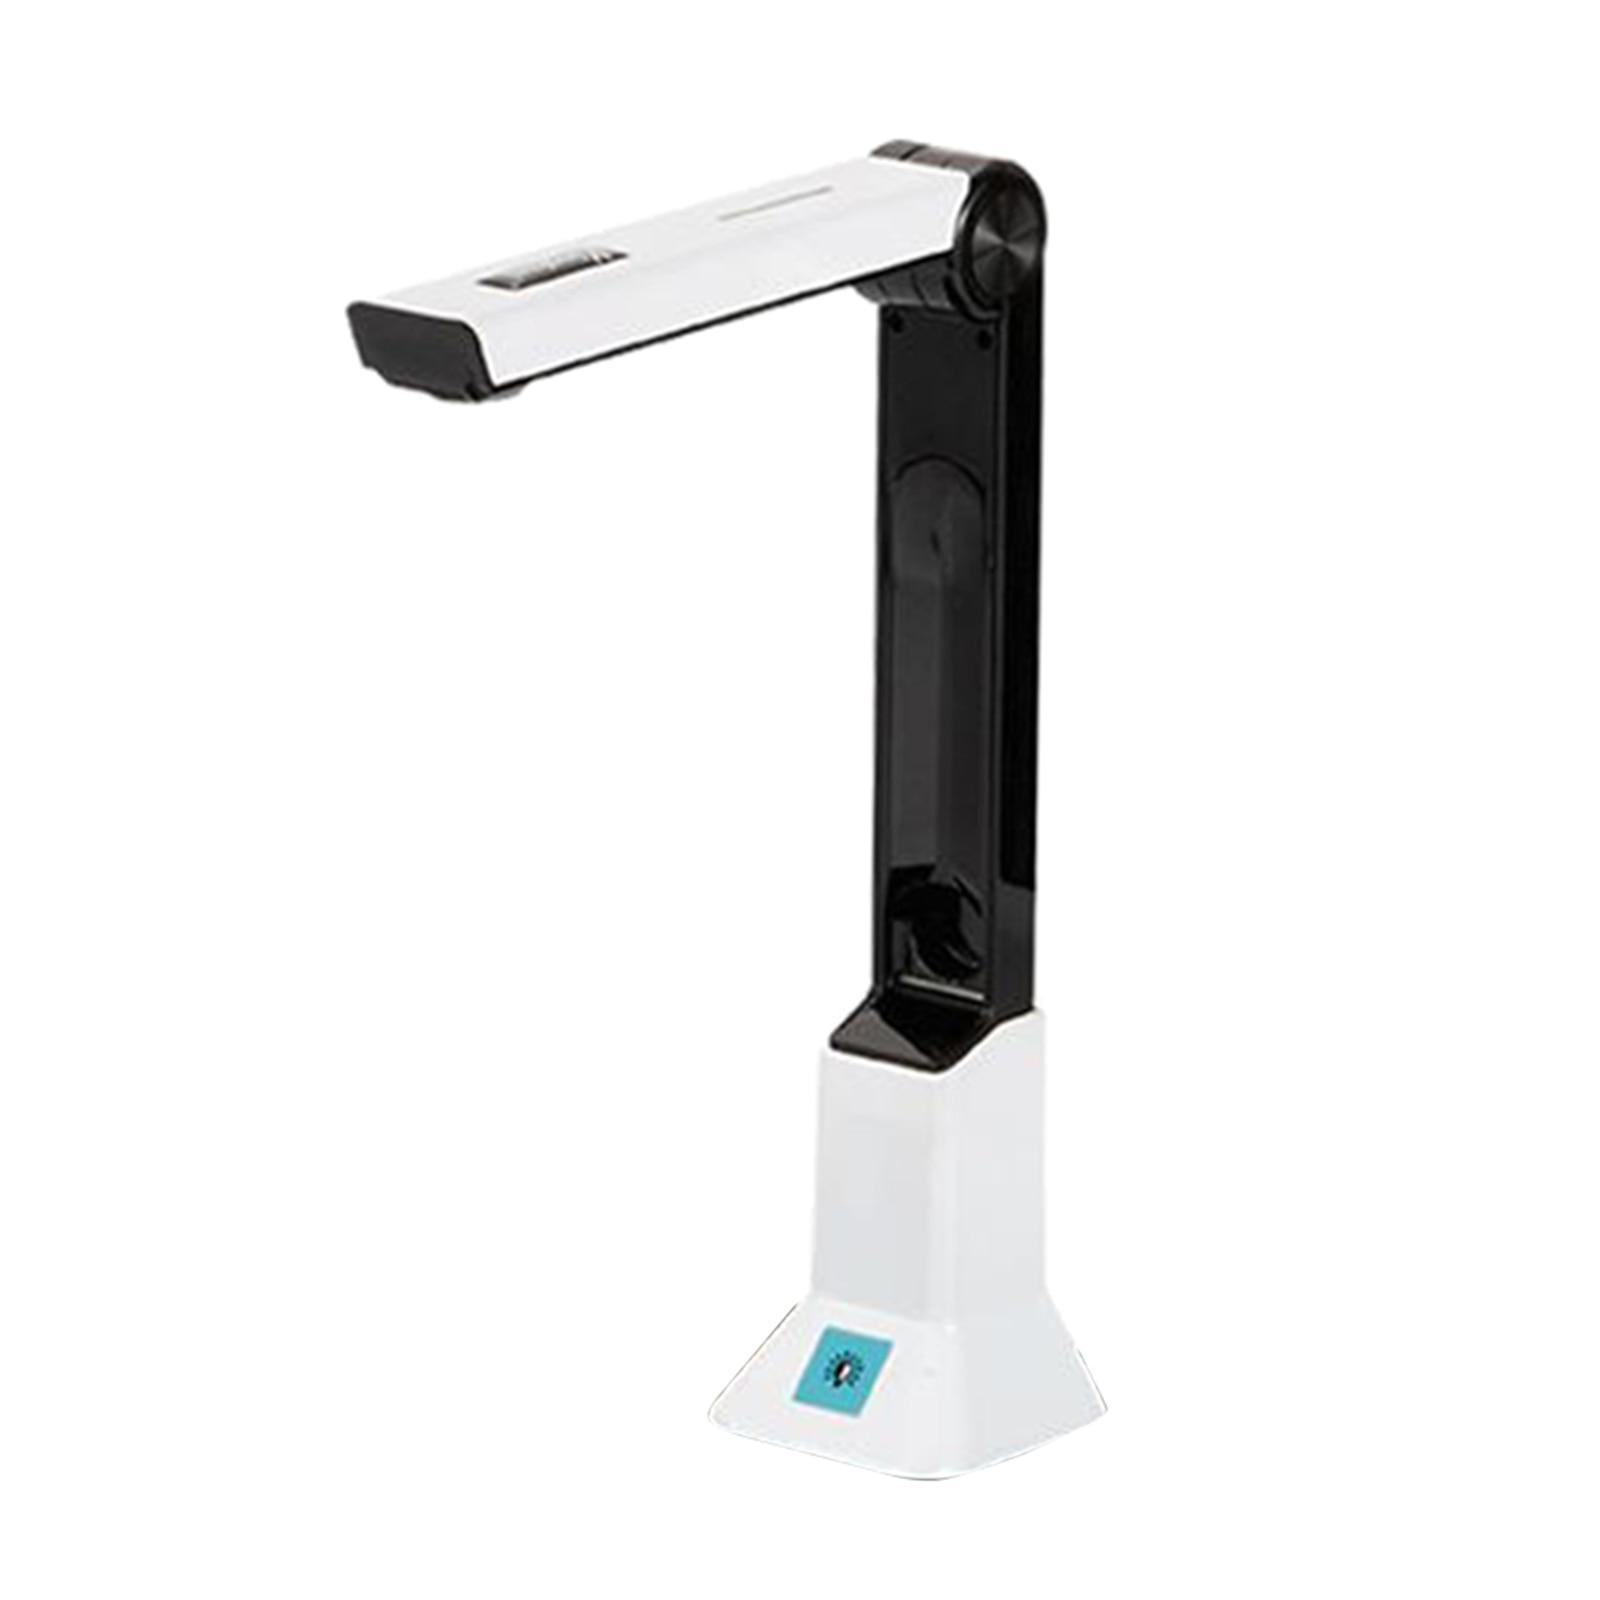 كاميرا مستندات USB بدقة 8 ميجابكسل ، ماسح ضوئي تنسيق A4 ، للفصول الدراسية للمدرسين ، وإبراز الأداء الأساسي